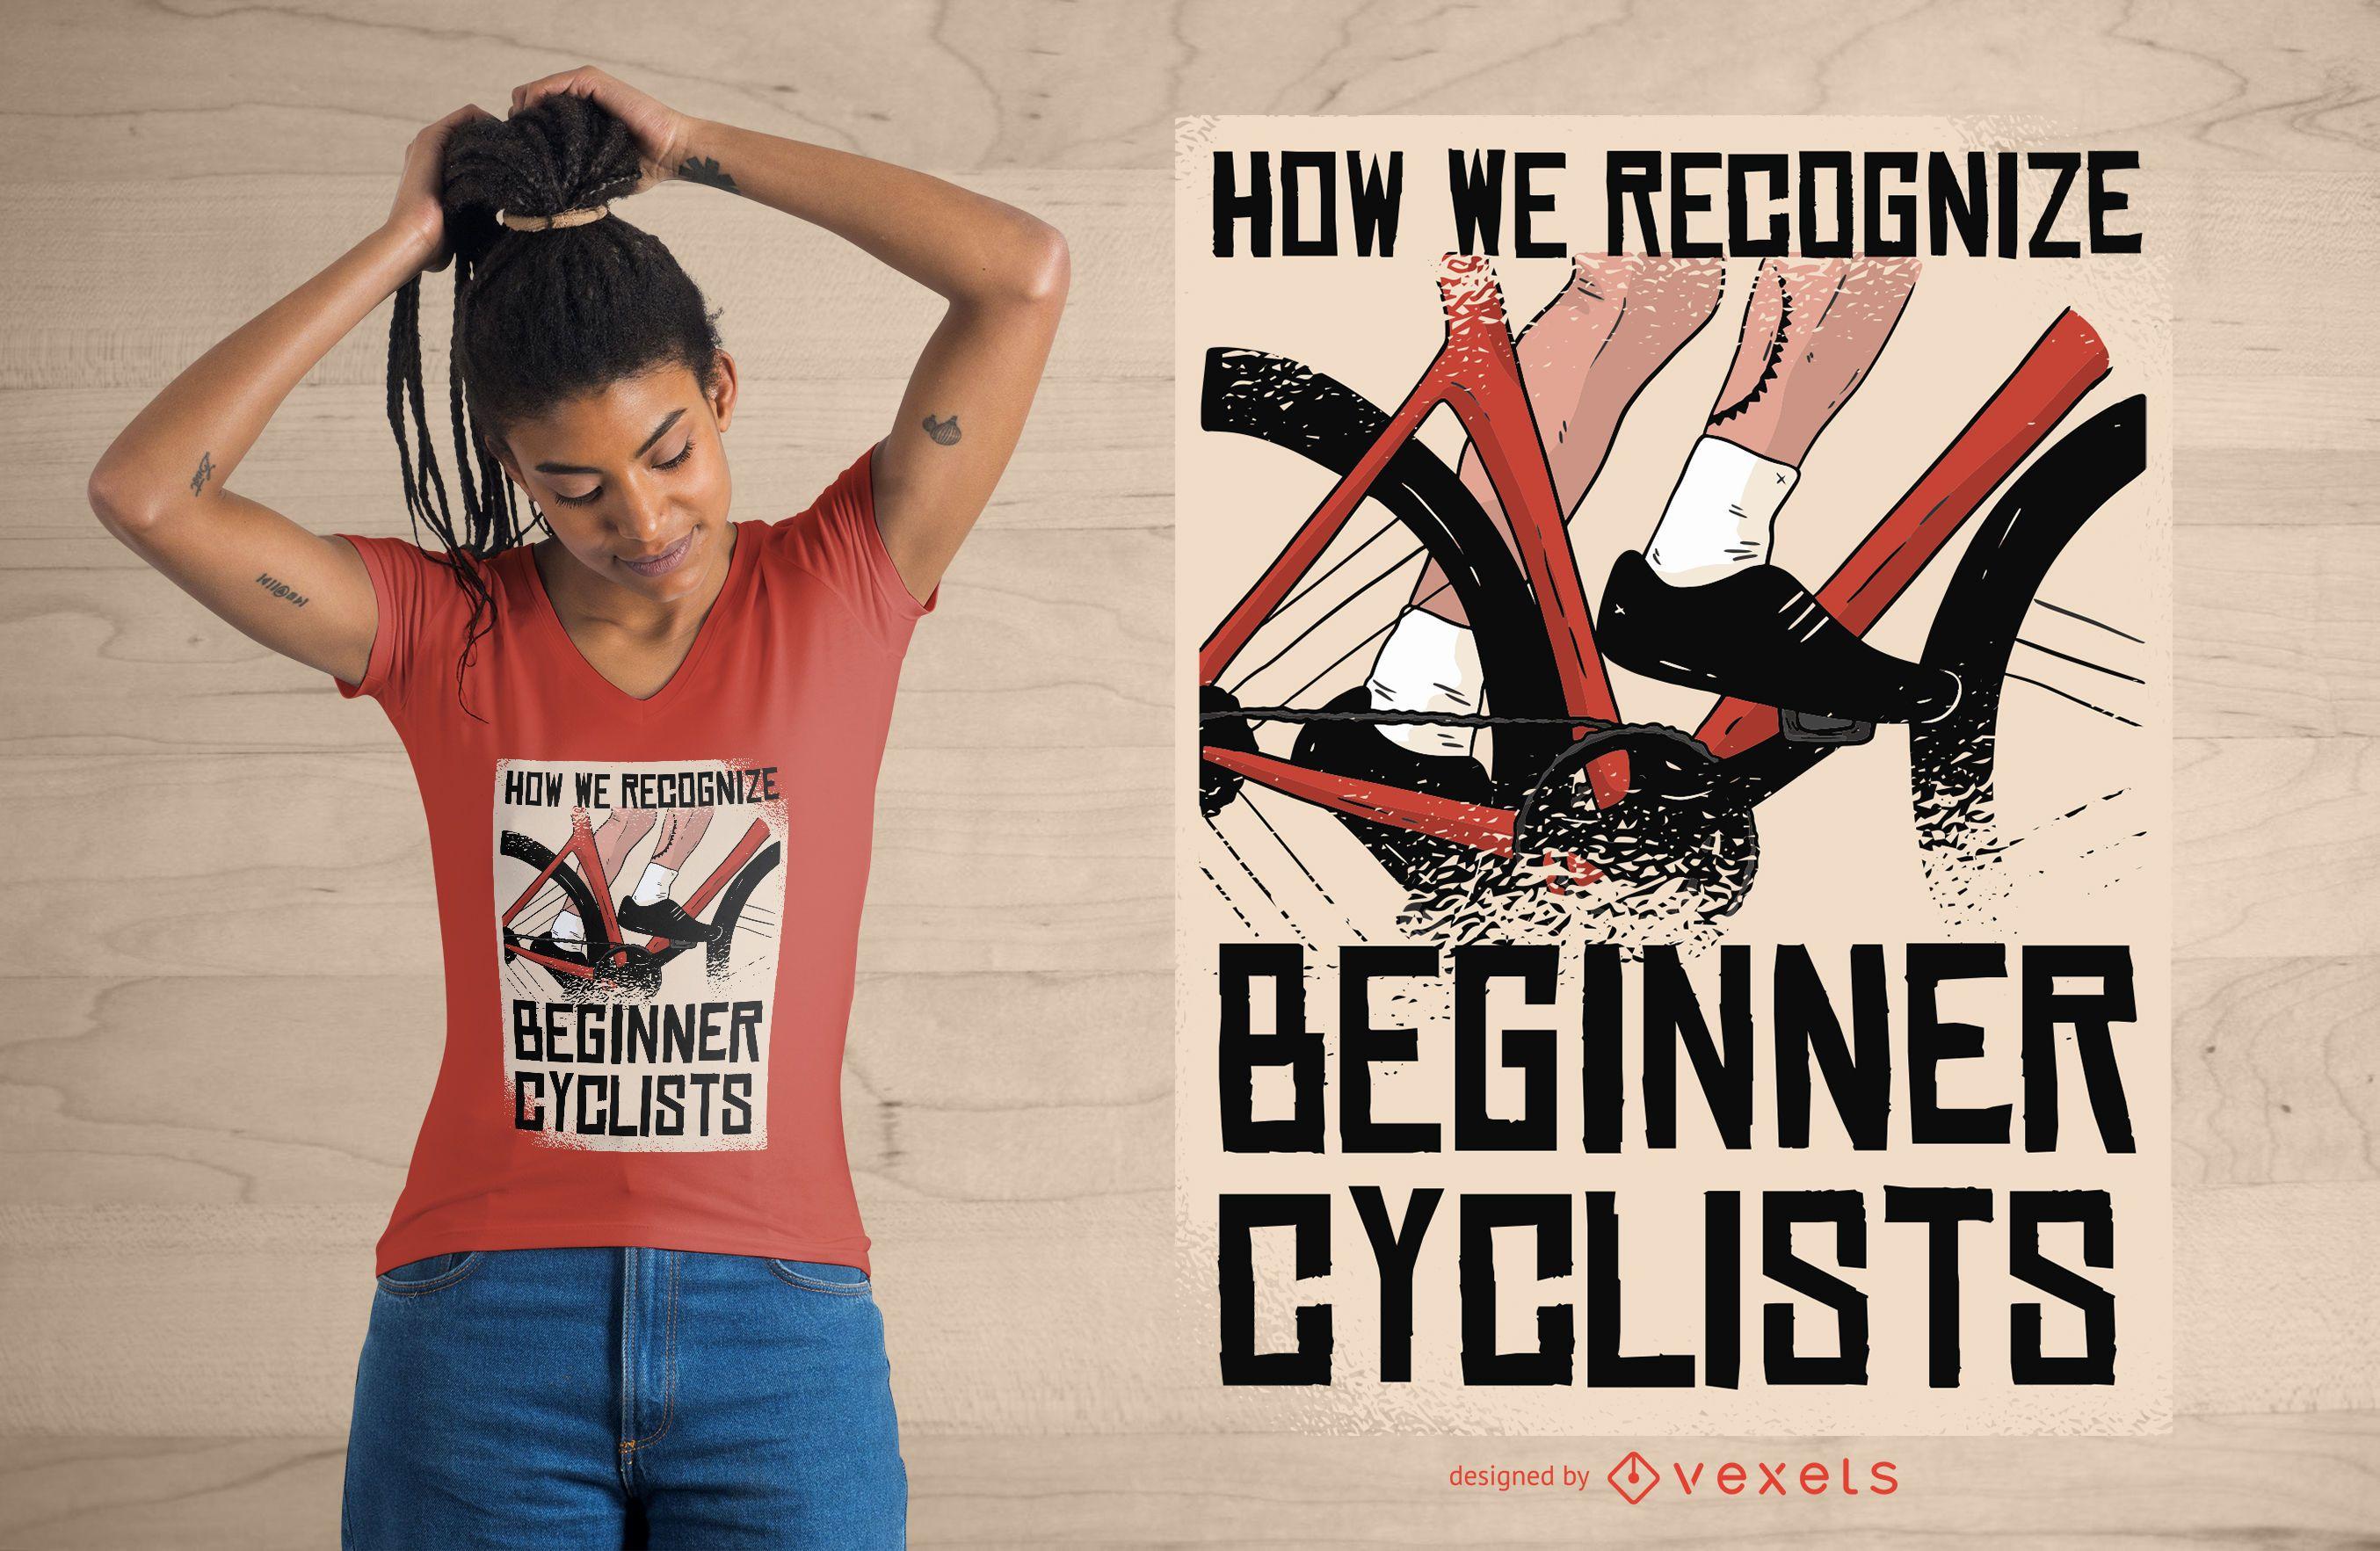 Beginner Cyclists T-shirt Design